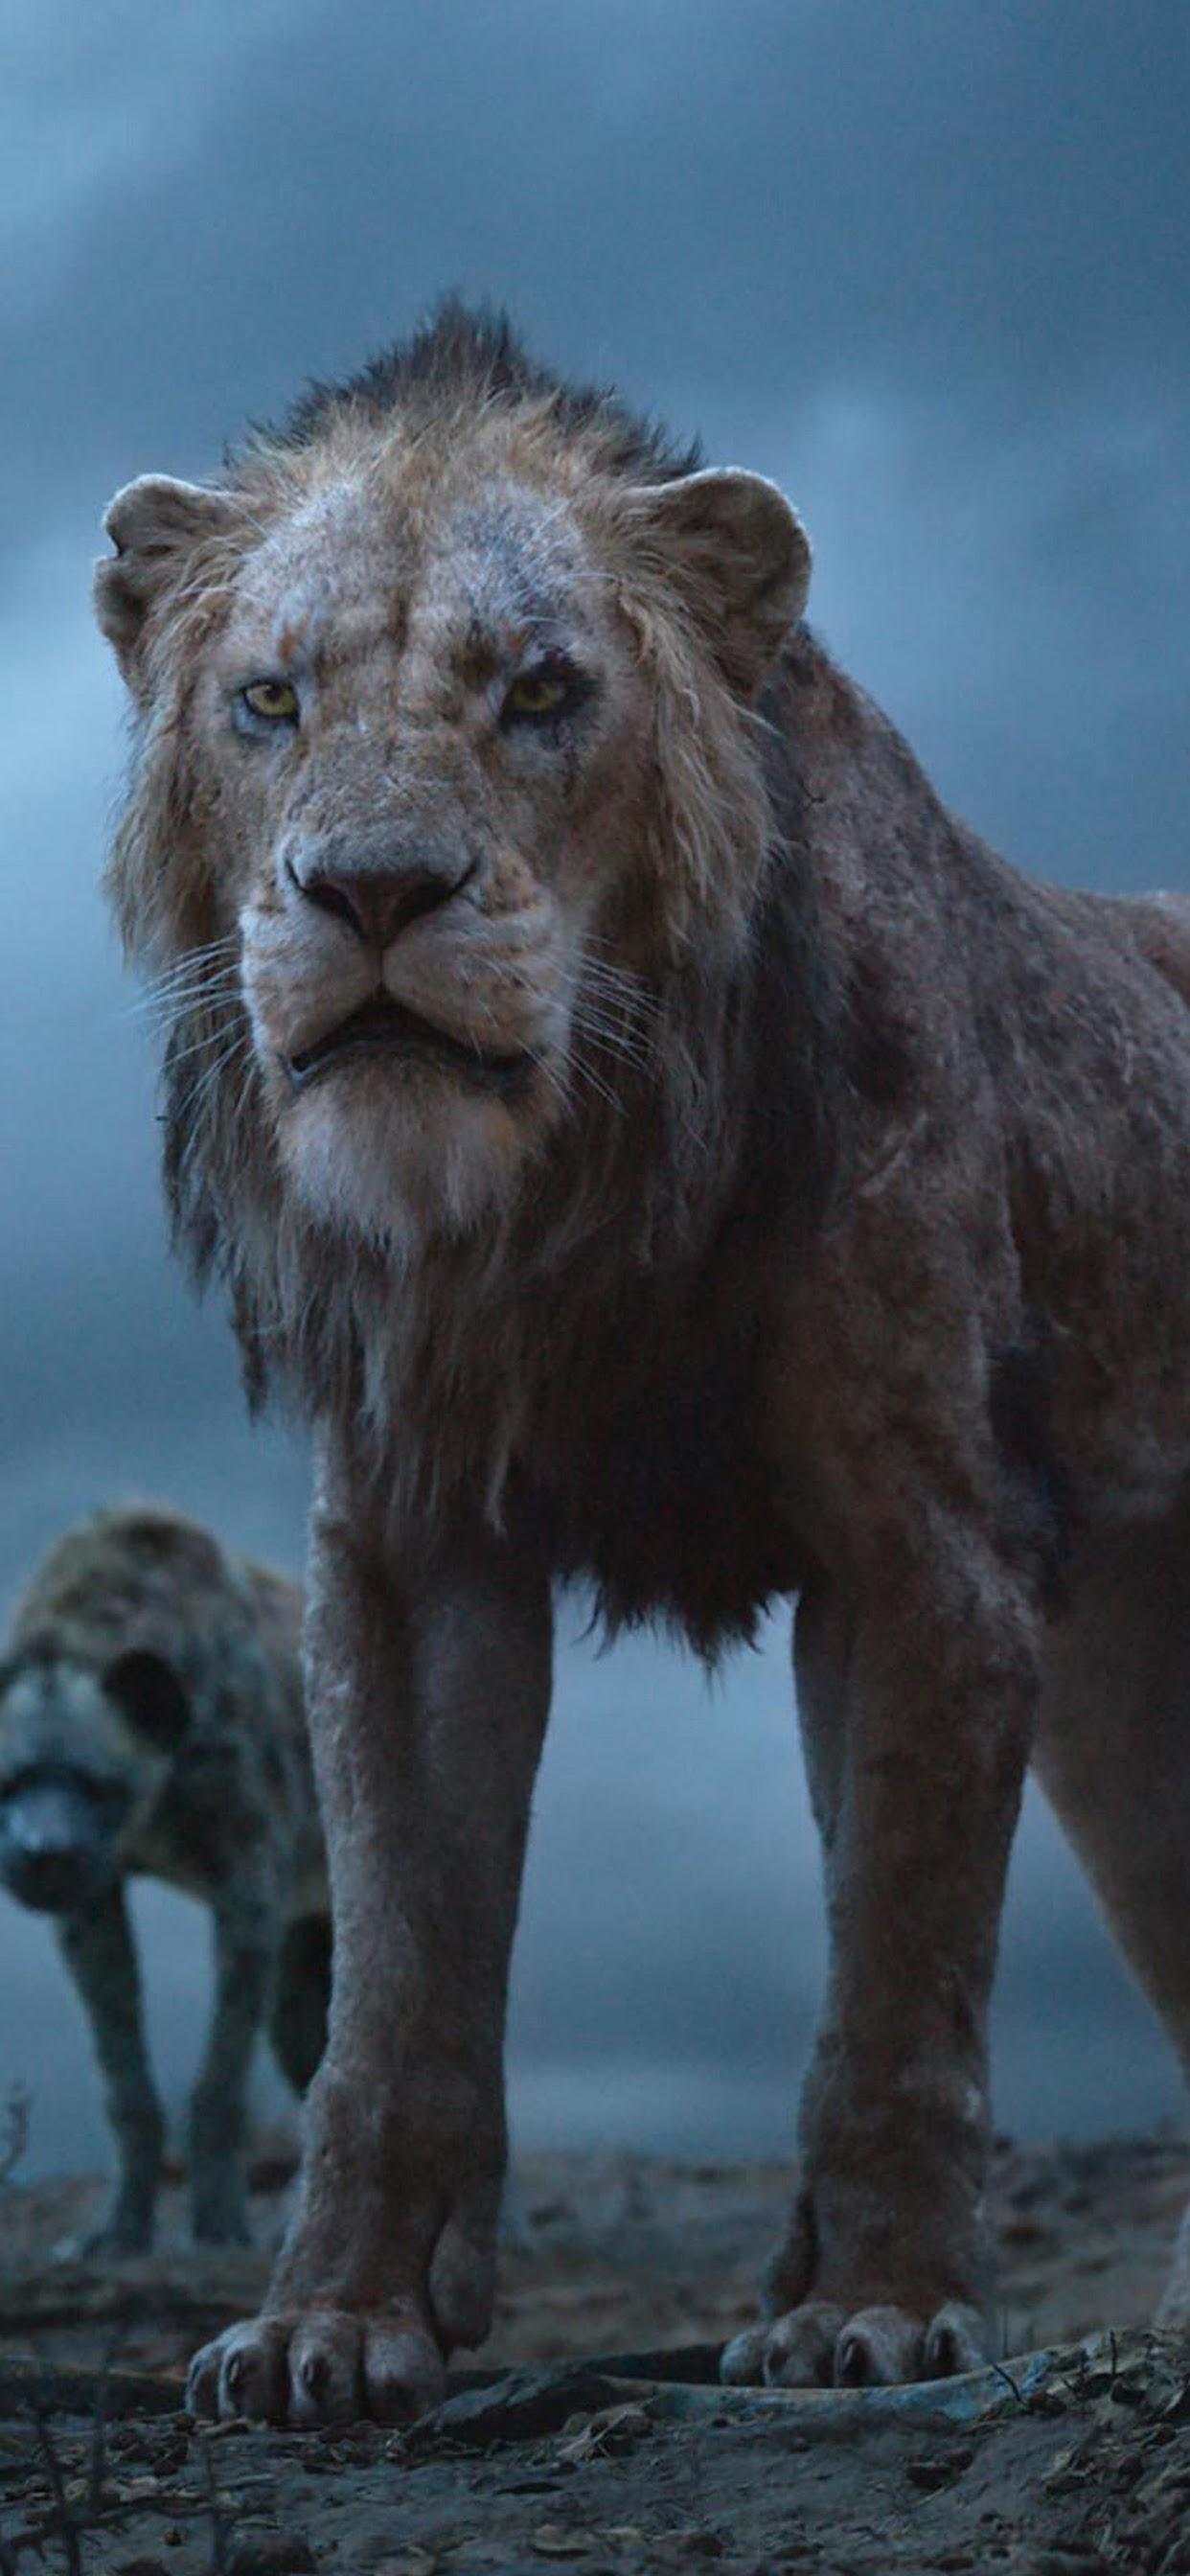 The Lion King 2019 Scar Hyenas 4k Wallpaper 3